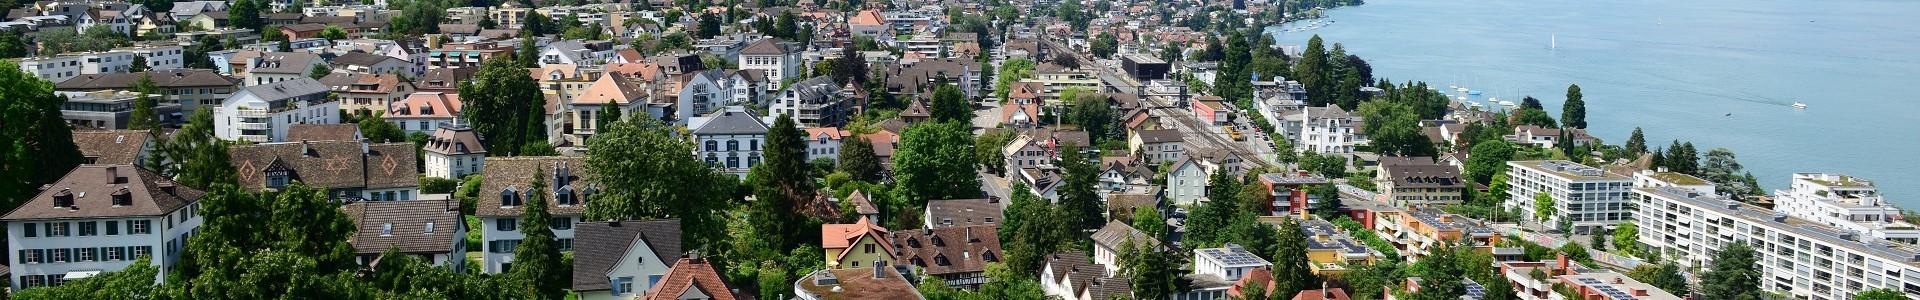 Gemeinde Thalwil Blick aufs Zentrum